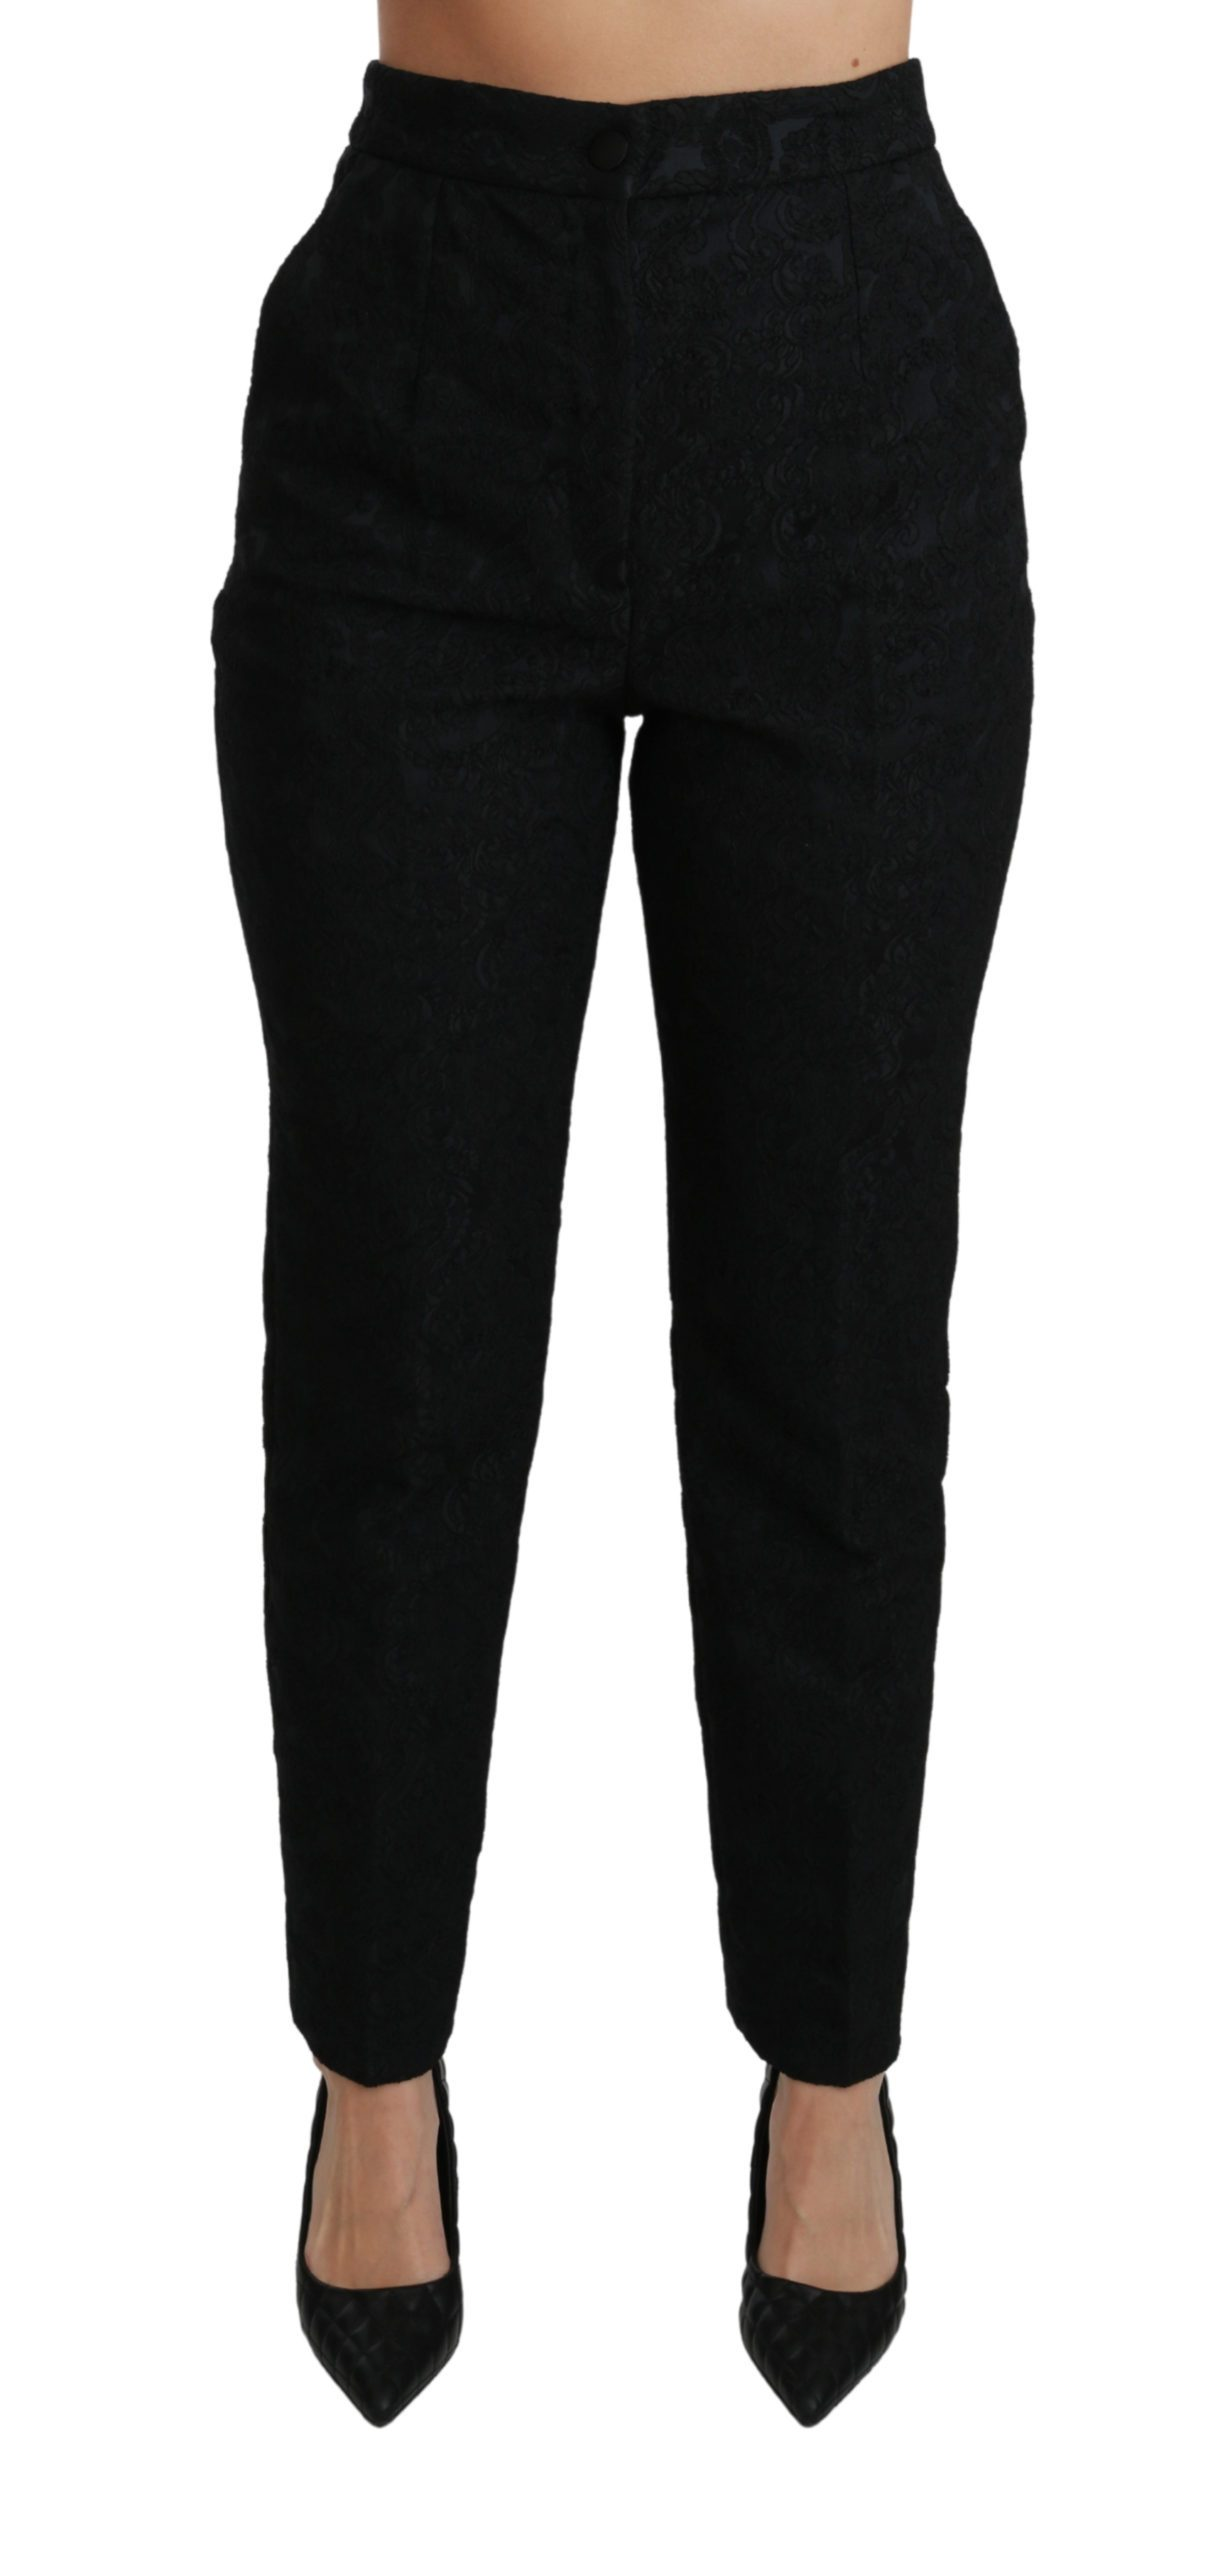 Dolce & Gabbana Women's Tapered High Waist Trouser Black PAN70893 - IT46|XL